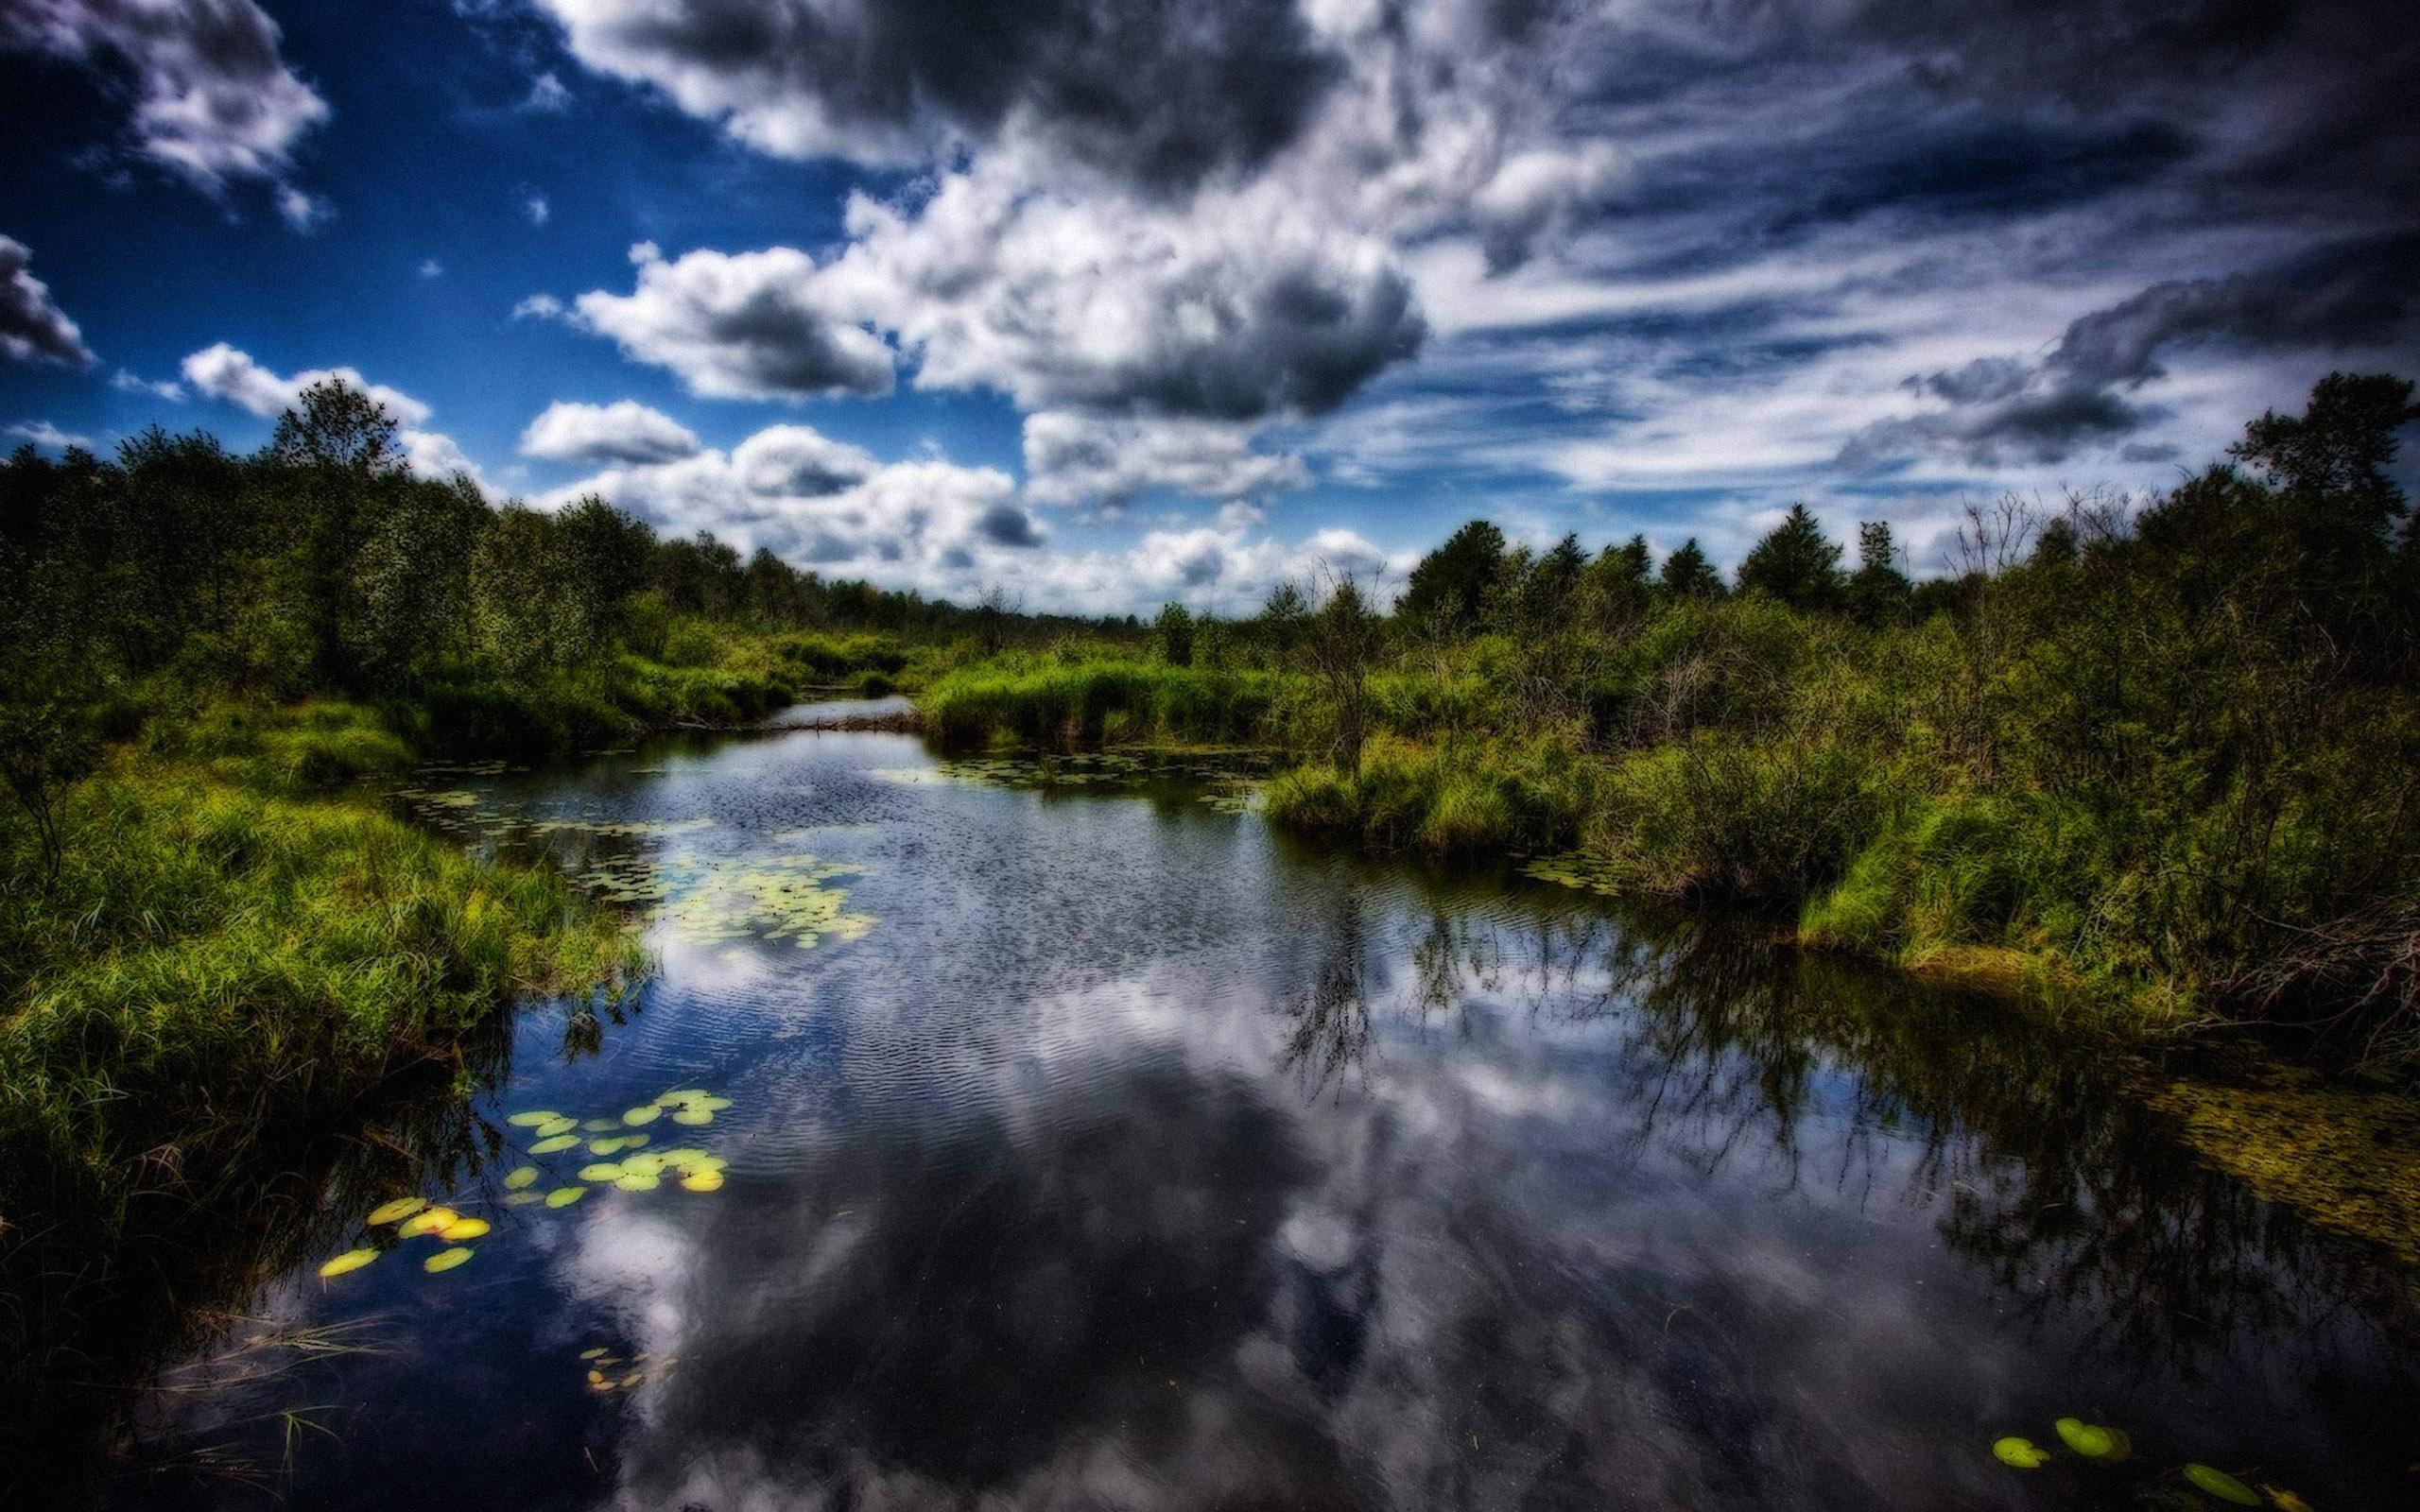 кувшинки озеро небо лес  № 1264661 бесплатно